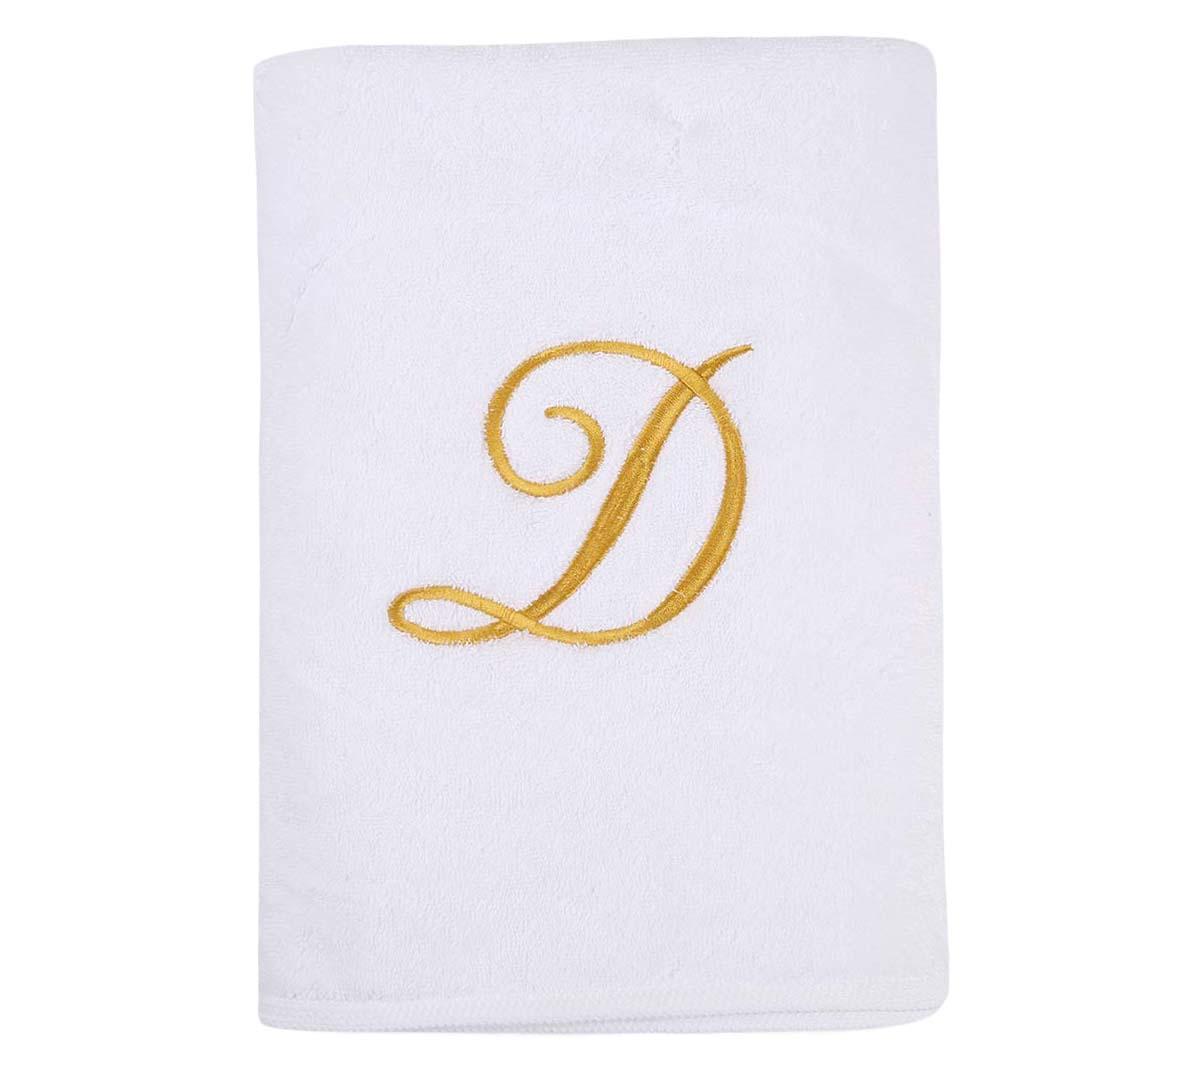 Alphabet Bath Towel 70x140cm Letter D